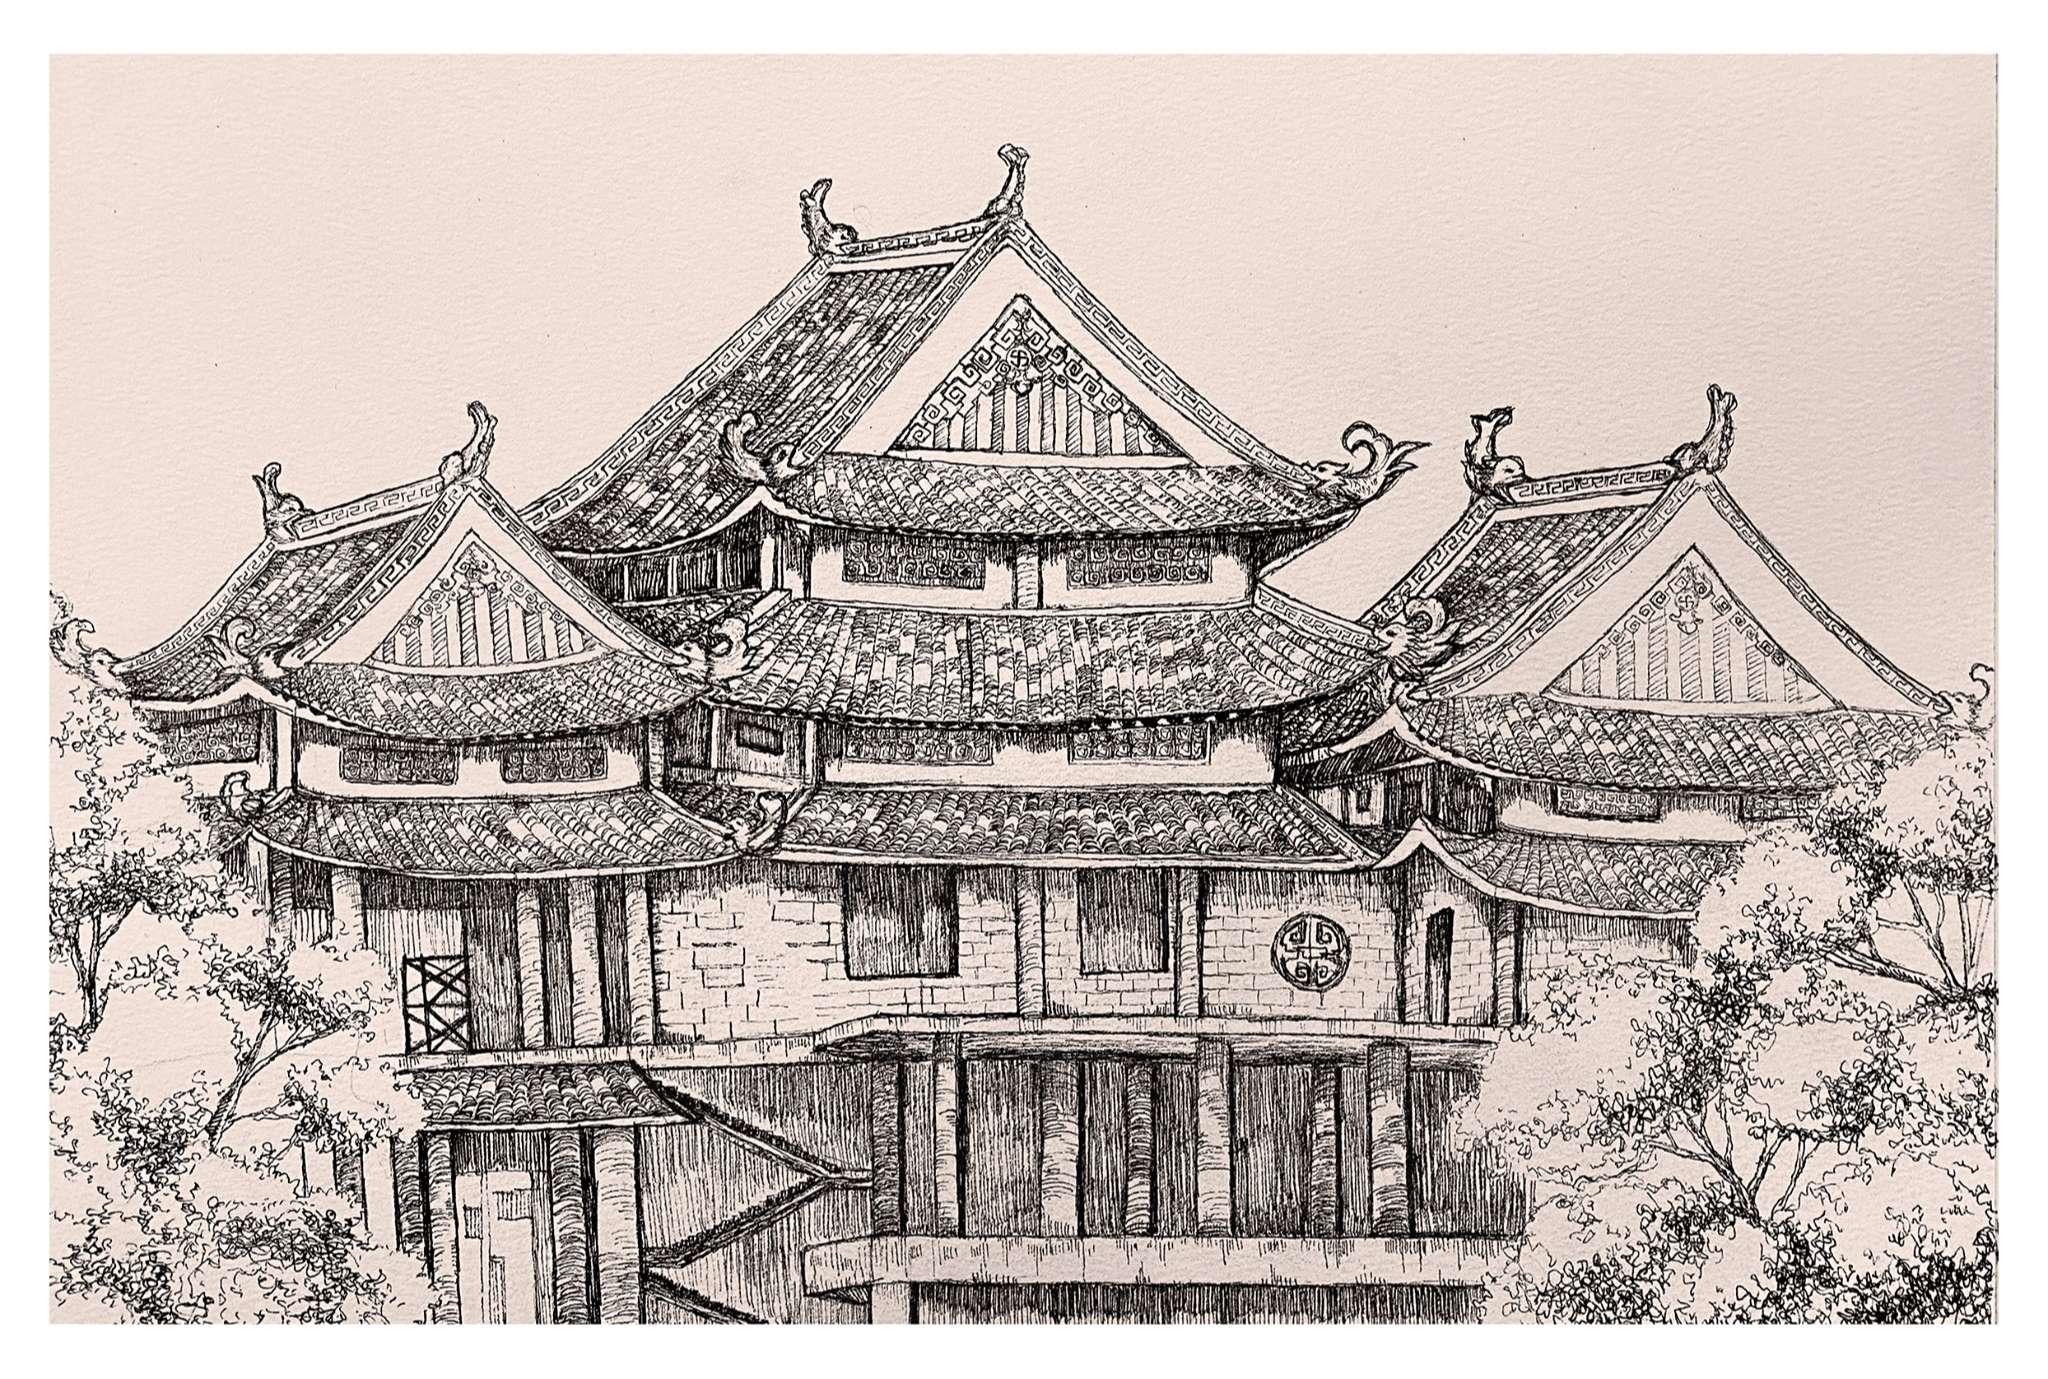 [HCM] Bài tốt nghiệp khóa Ký họa 31 Trần Phú tháng 5